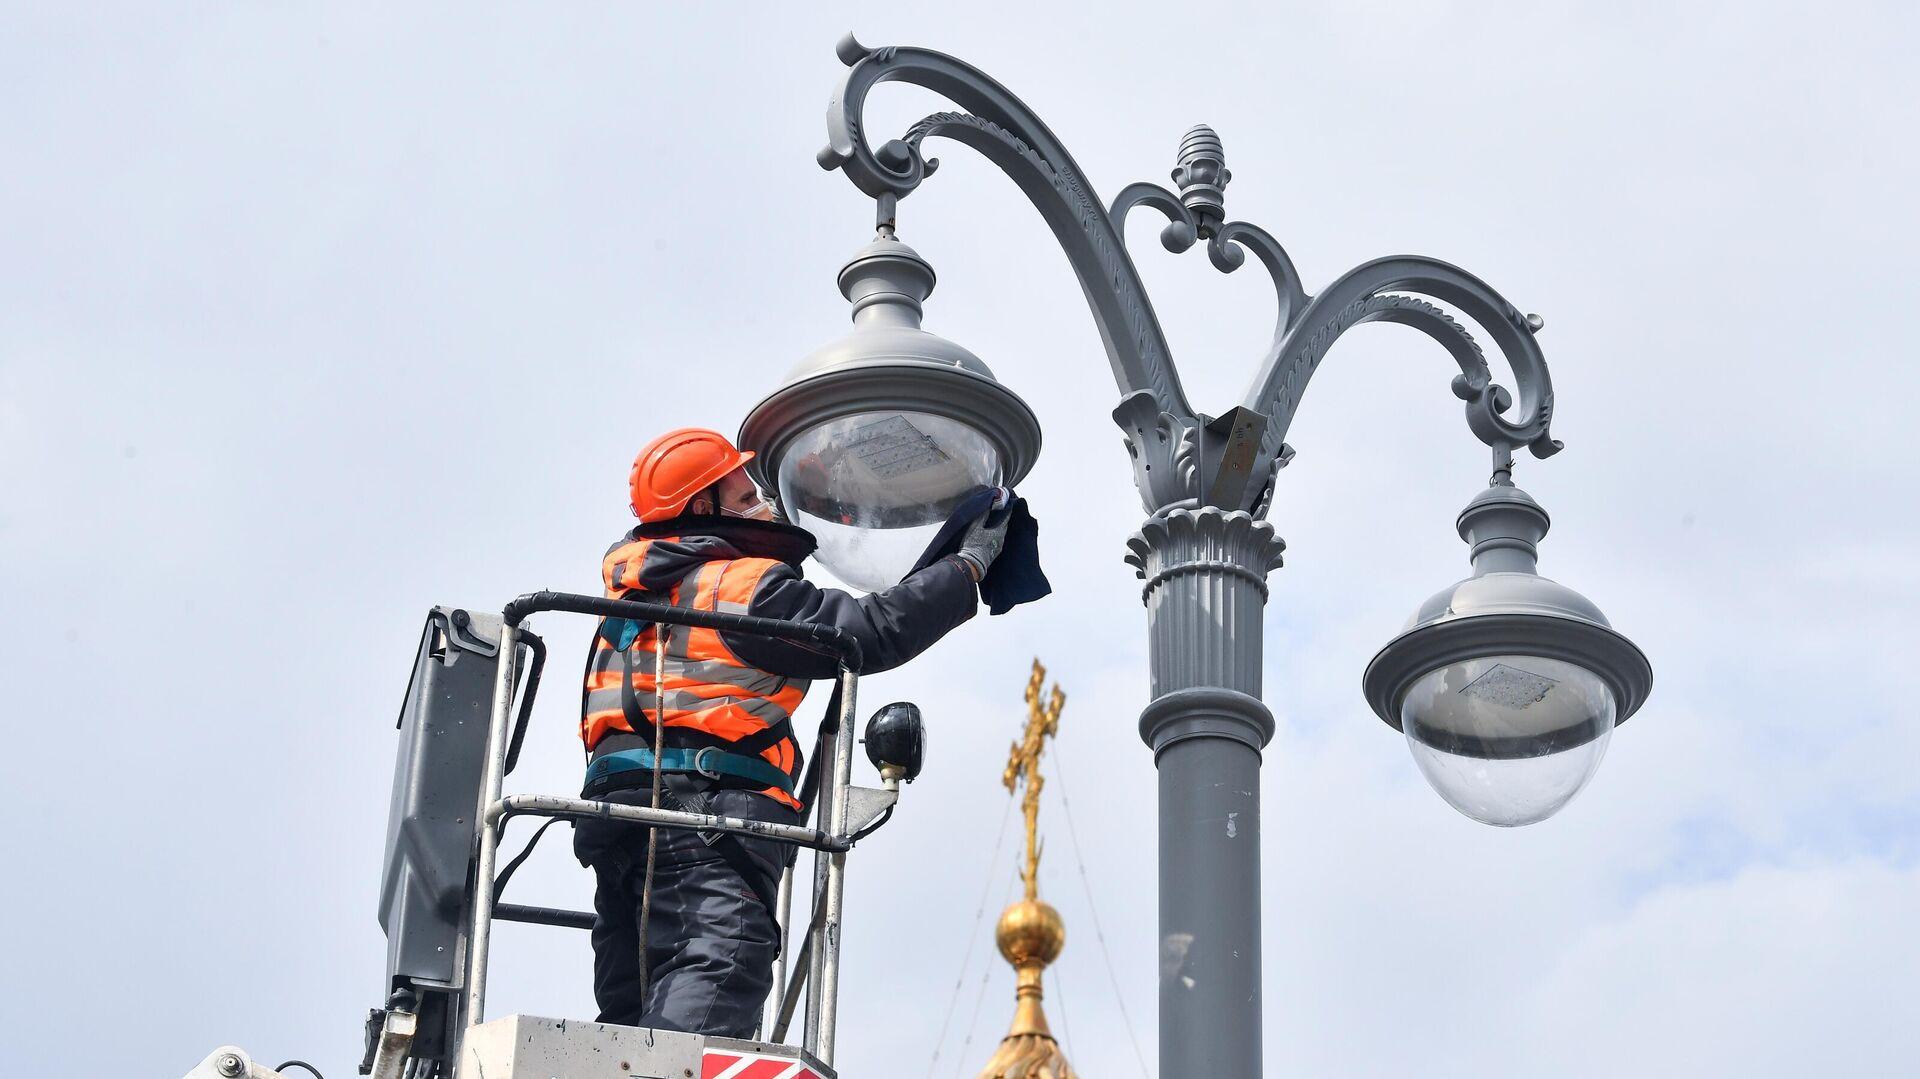 Сотрудник коммунальной службы протирает плафон фонаря наружного освещения на Пречистенской набережной в Москве - РИА Новости, 1920, 22.07.2021